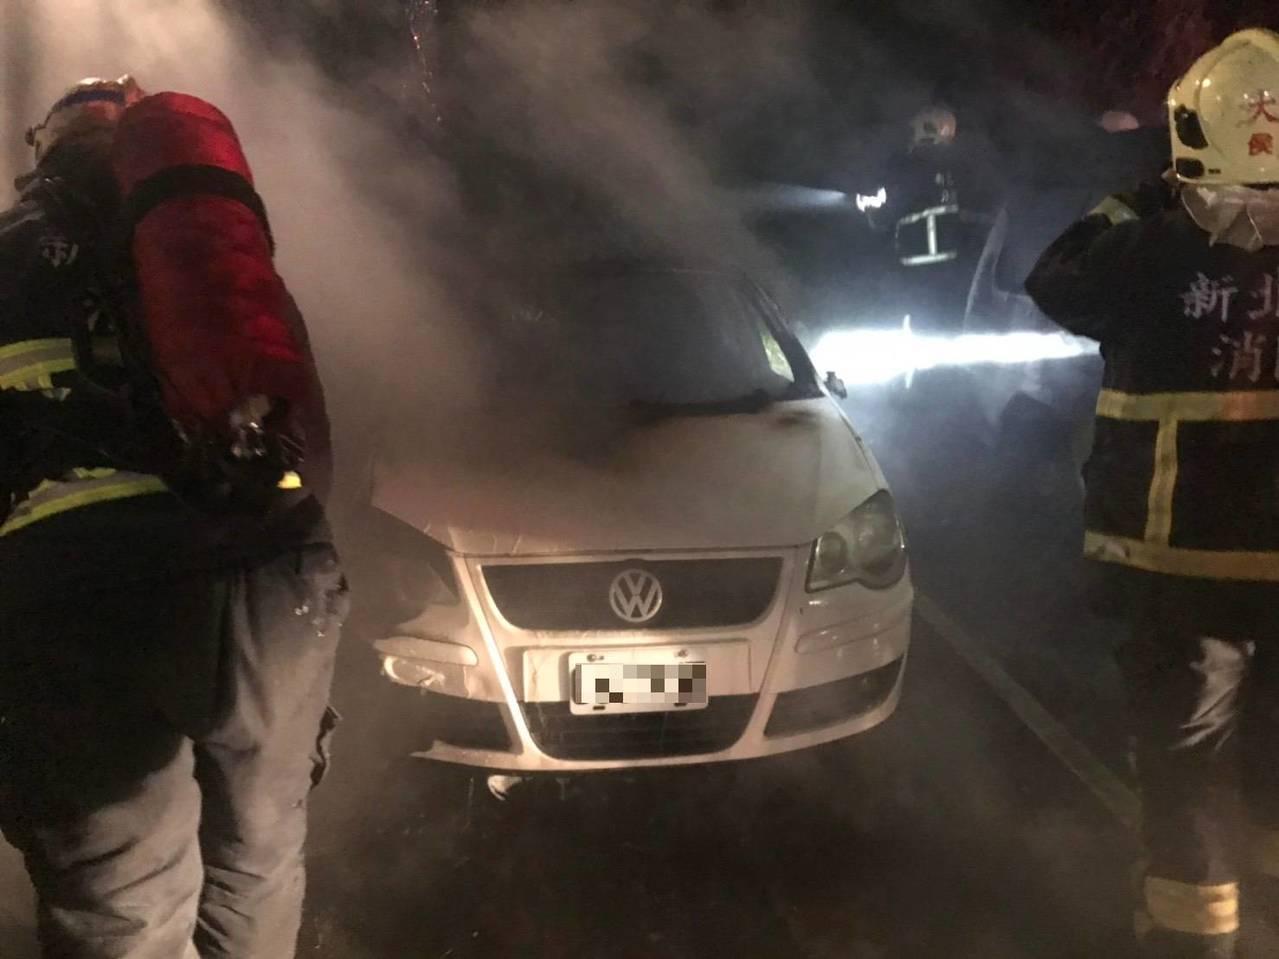 李男供稱他因心情不好在車上烤肉,卻不慎引發火警。 記者柯毓庭/翻攝